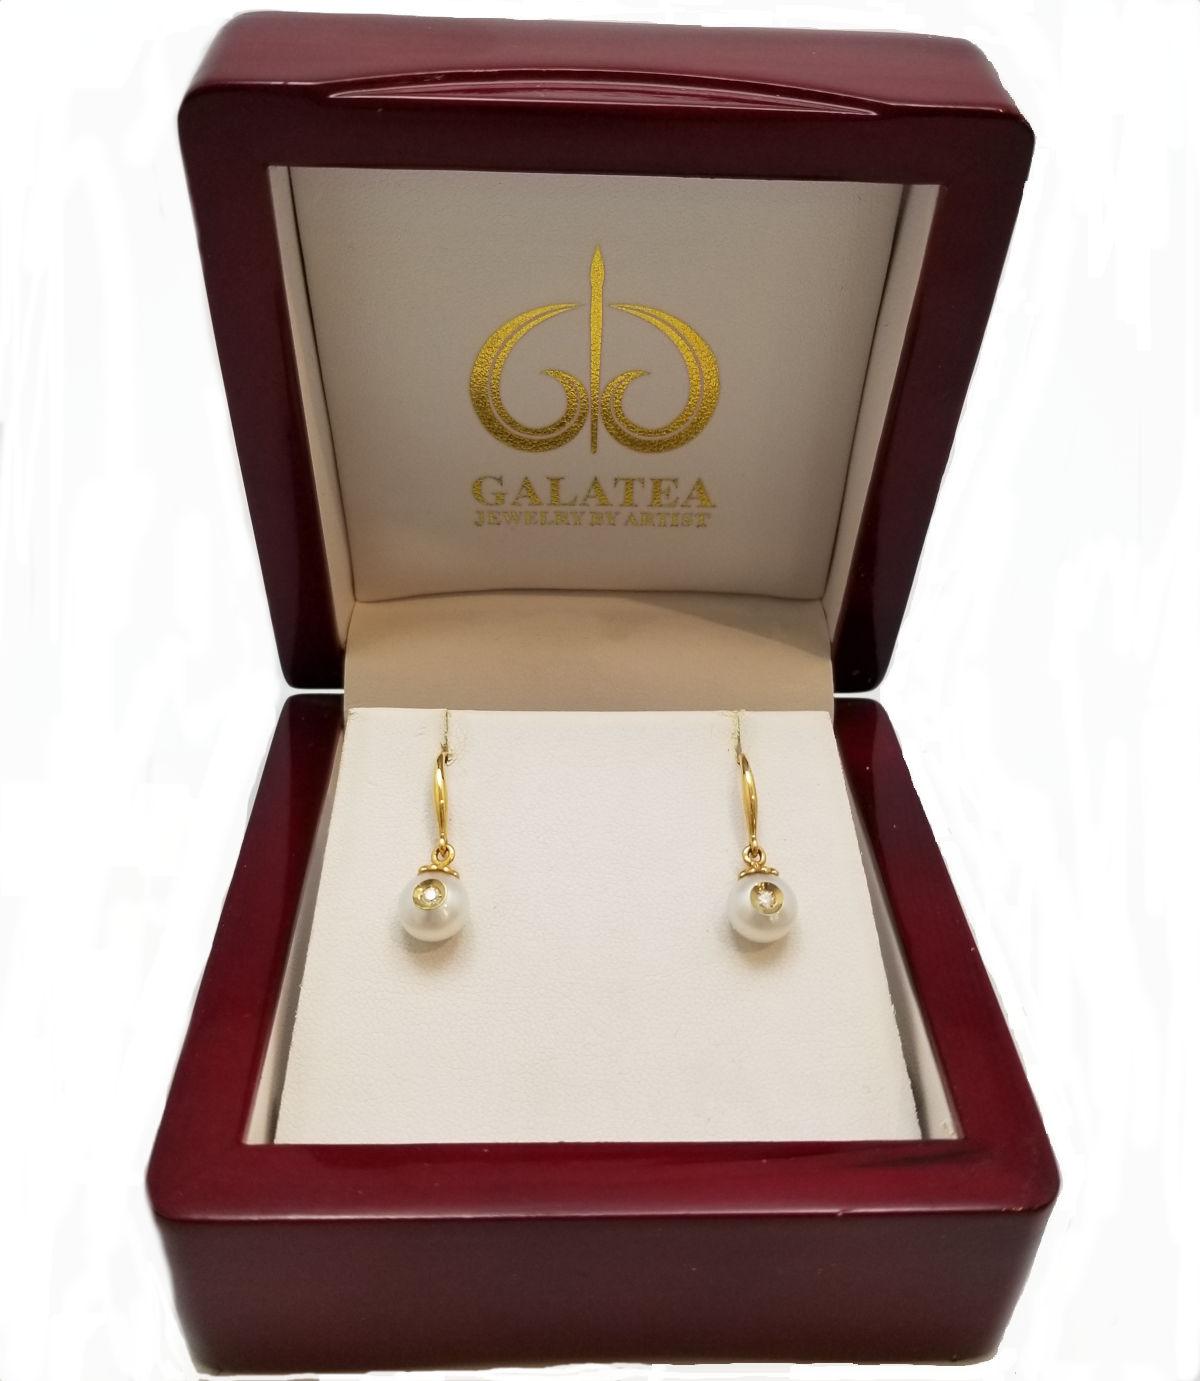 diamond in pearl 14K yellow gold drop earrings by Galatea Jewelry Artist